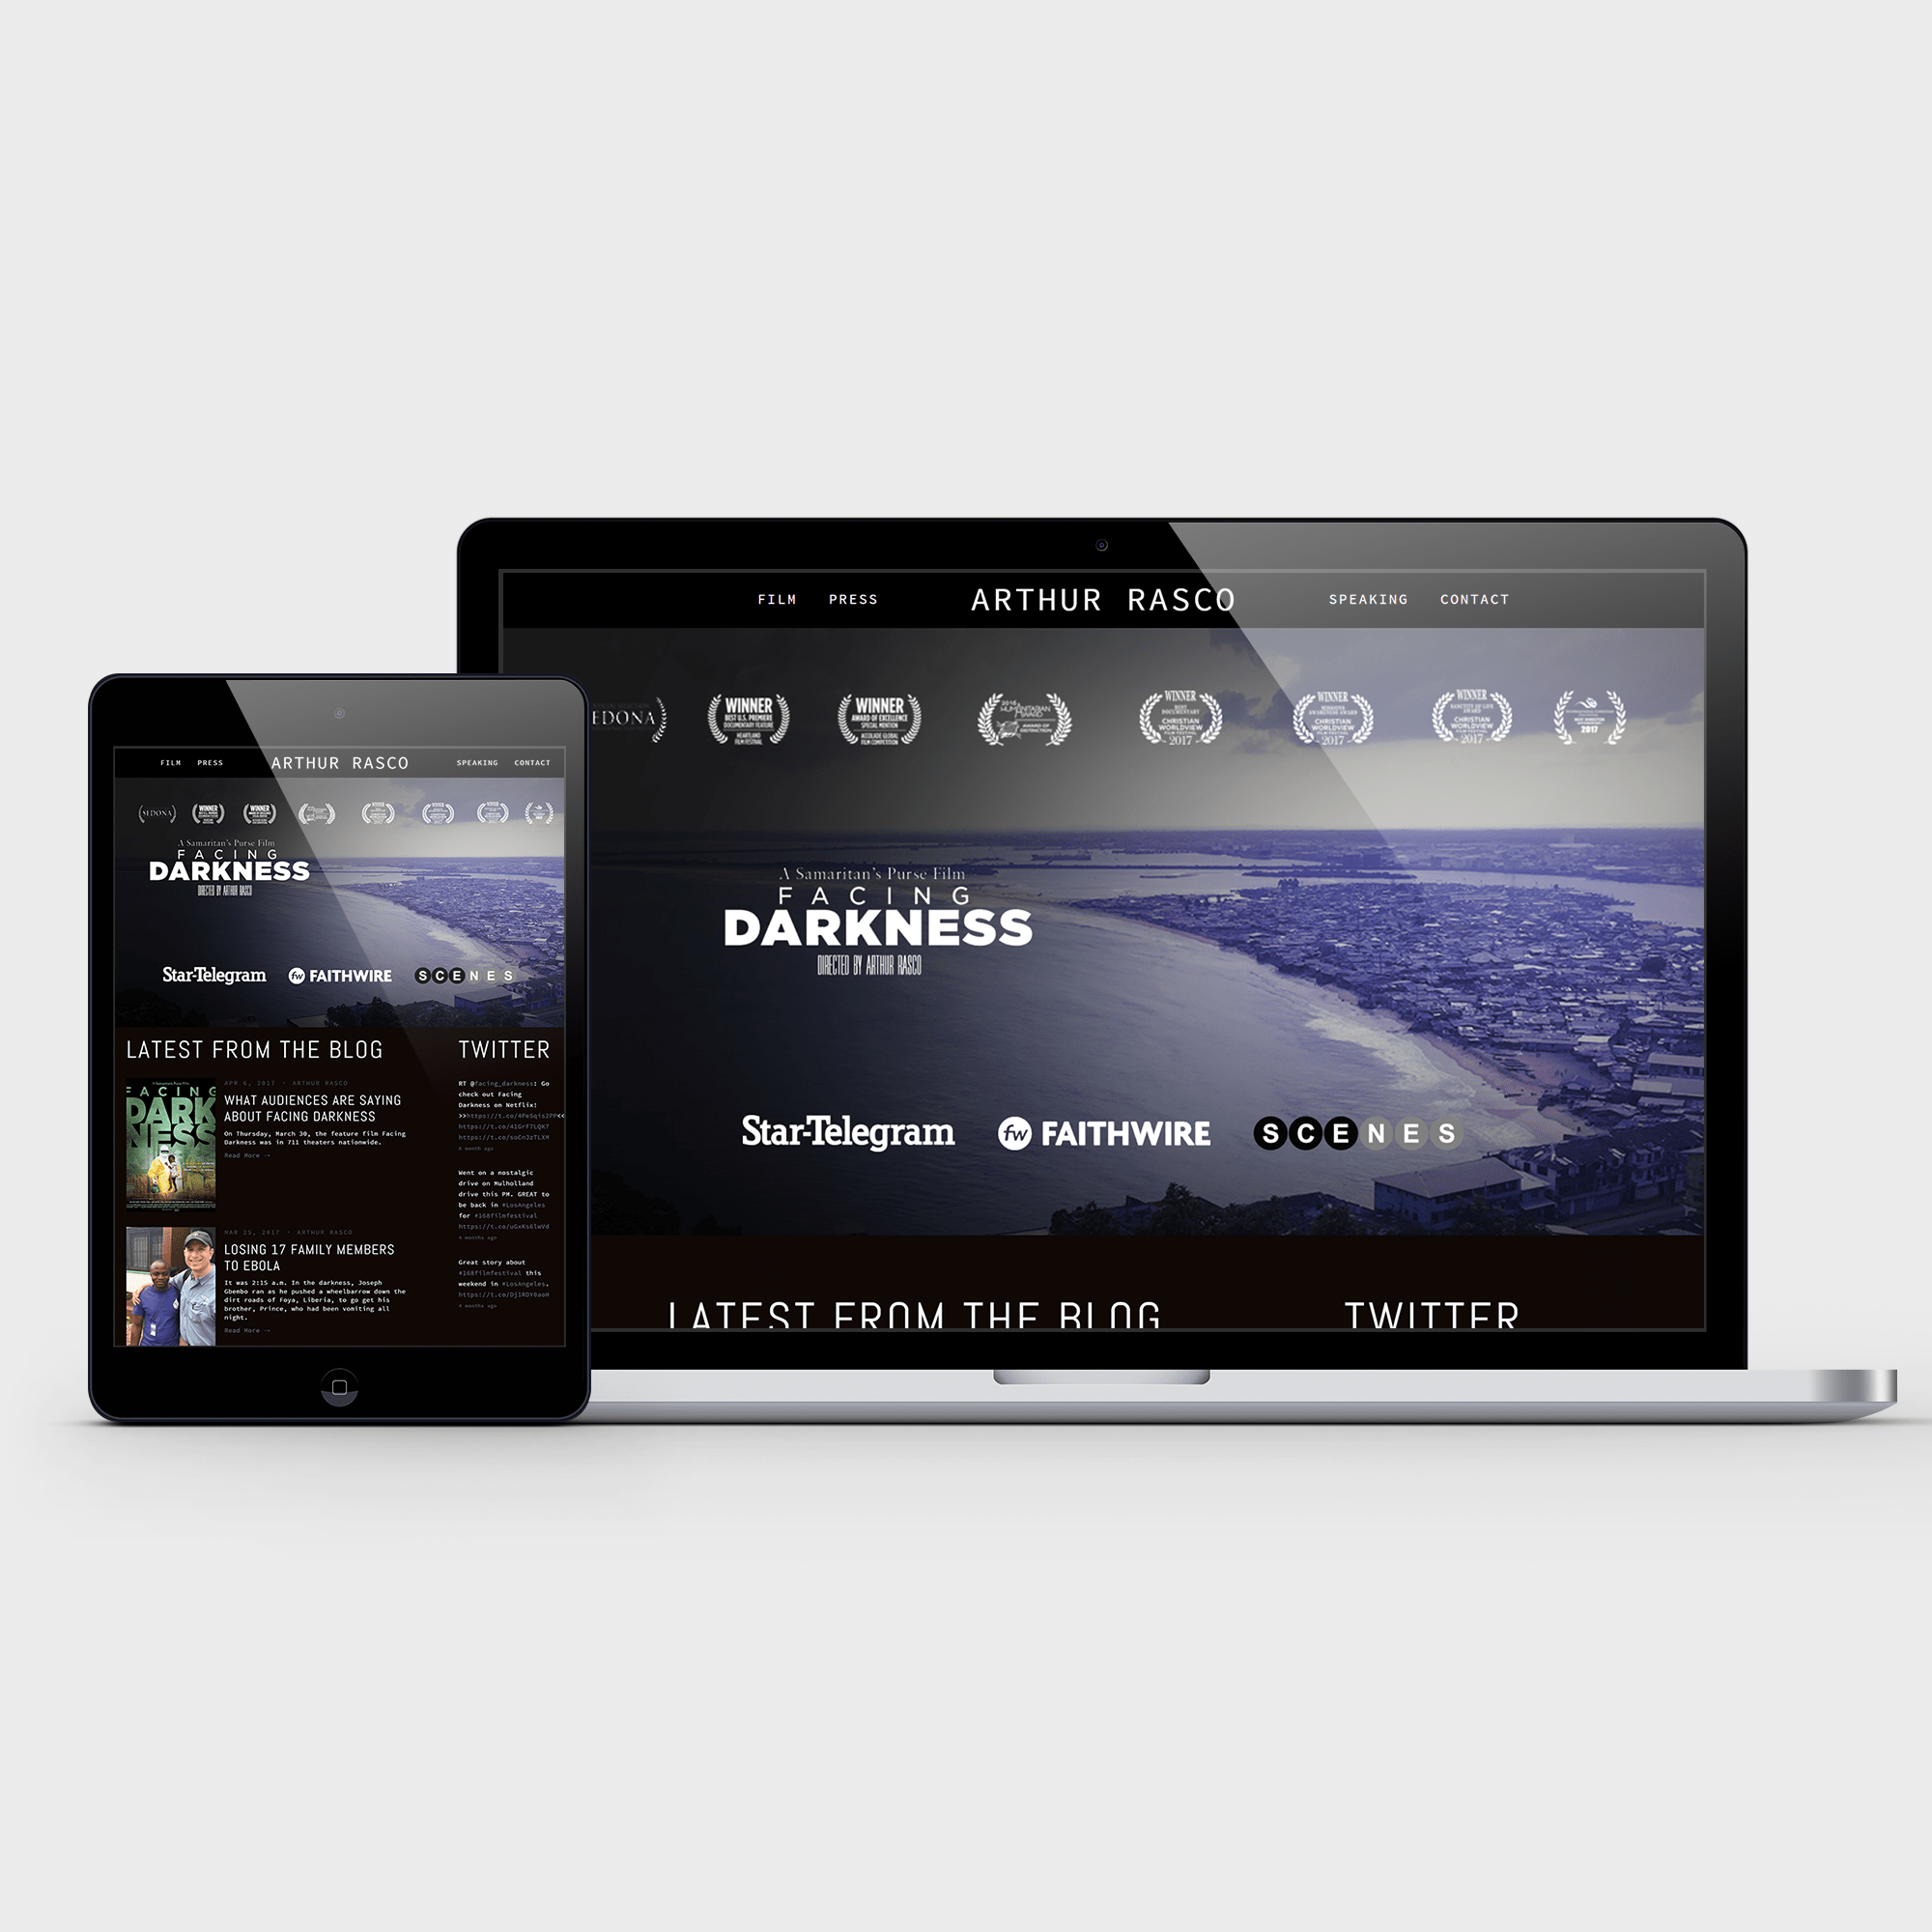 arthur rasco web design portfolio